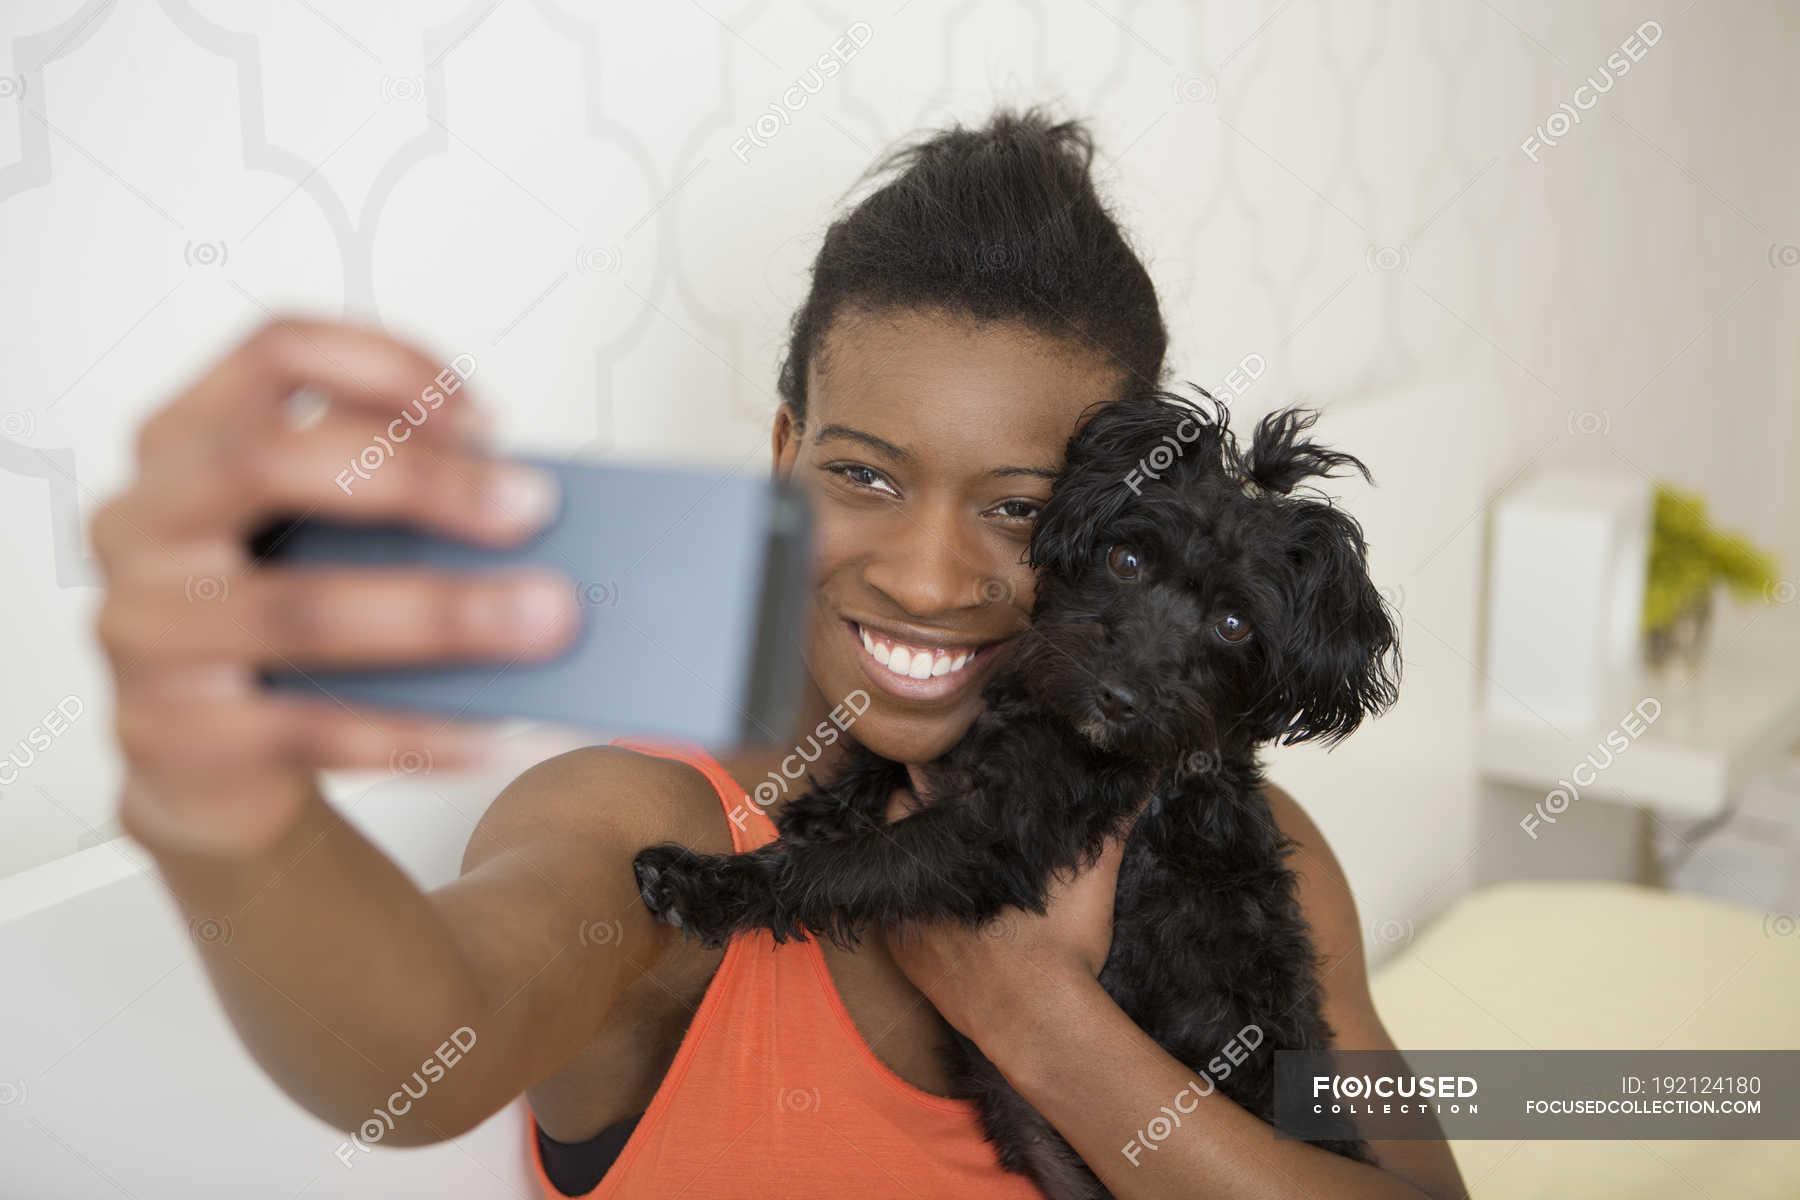 kleinen schwarzen teen girl selfie